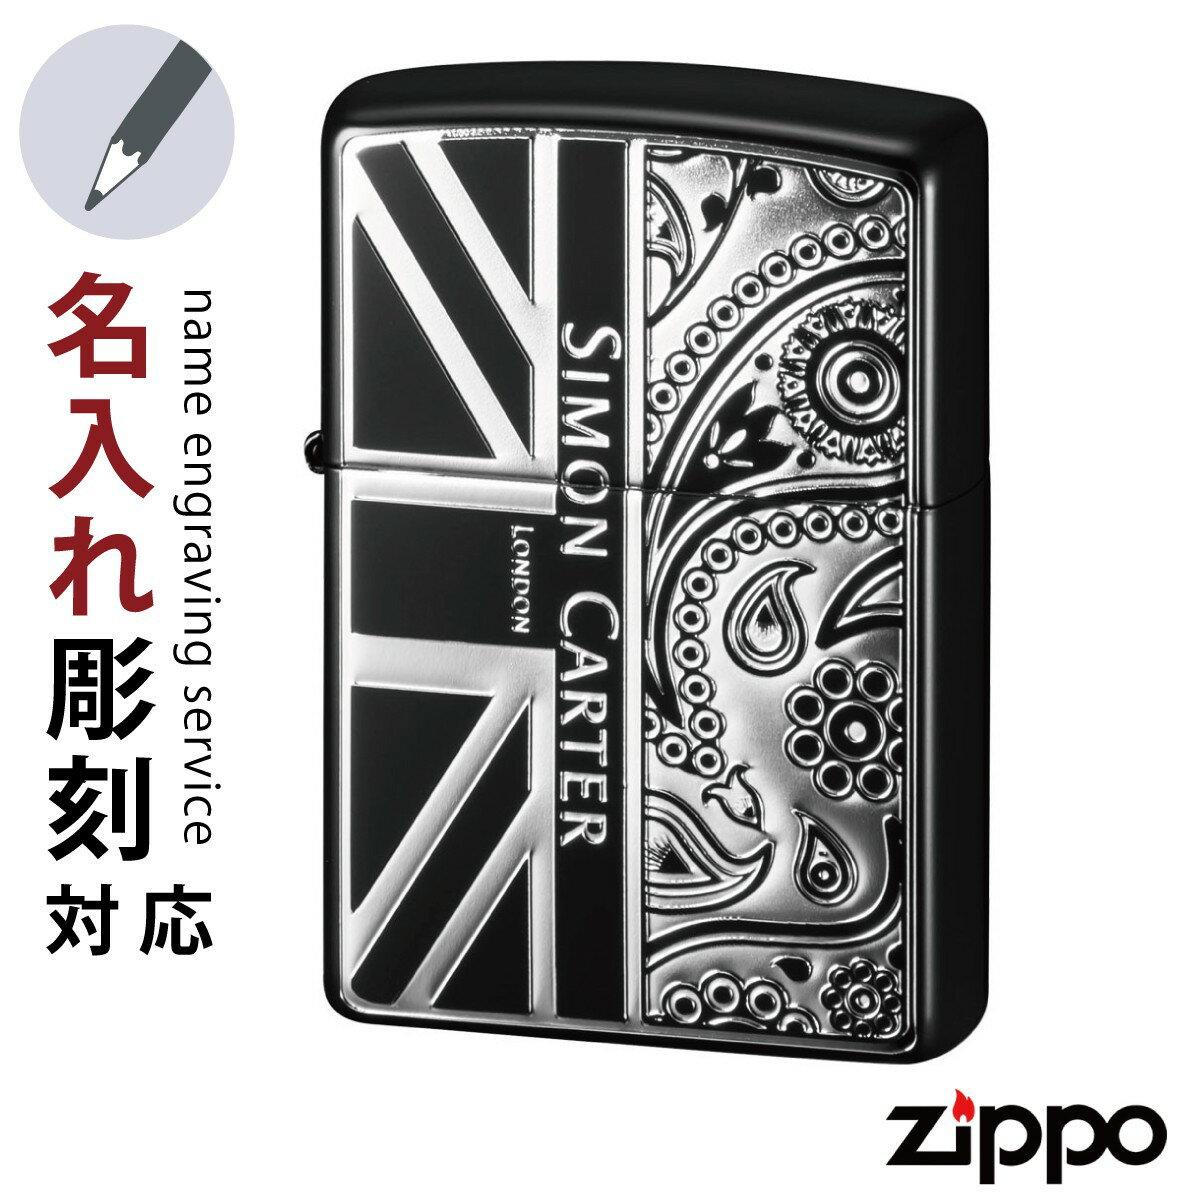 Zippo ジッポー 名入れ 彫刻 Zippoライター ジッポライター 200 サイモンカーター UJペイズリーIB 名入れ ギフト クリスマス ギフト プレゼント 贈り物 喫煙具